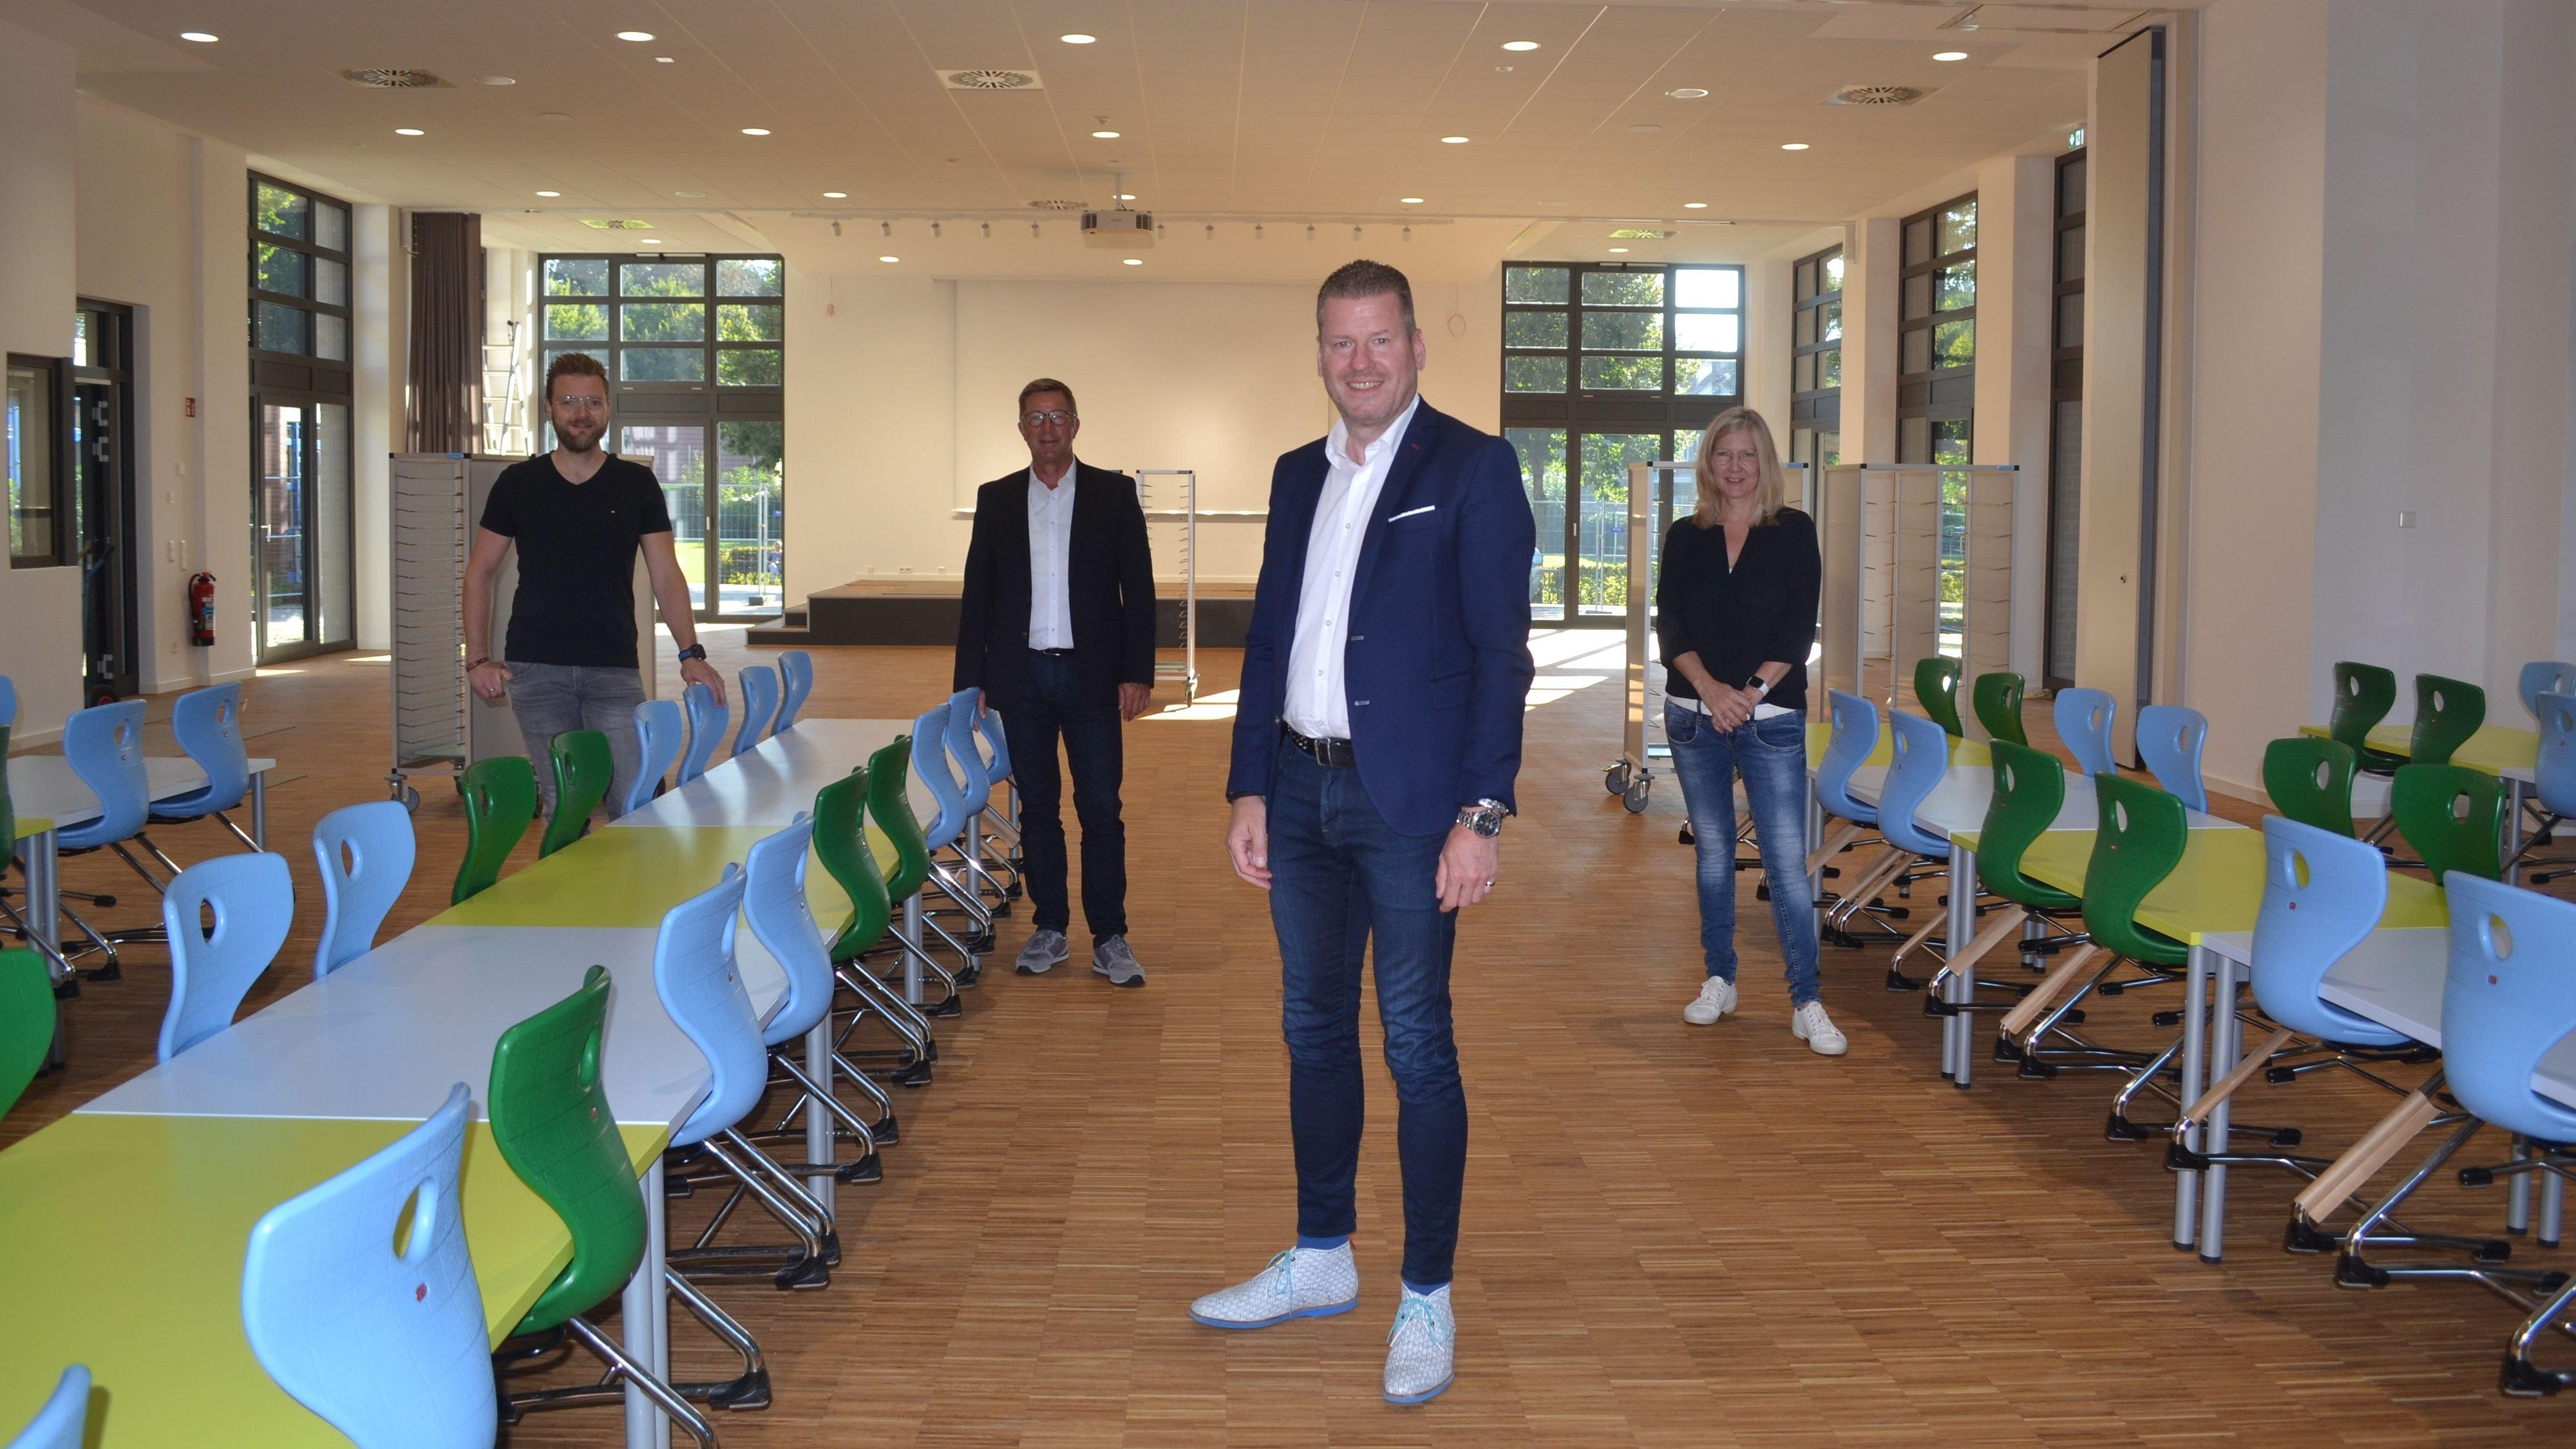 Stellten den Neubau vor: Franz-Josef Rump (von links), Reiner kl. Holthaus, Michael Fischer und Suse Bertzbach. Foto: Schrimper